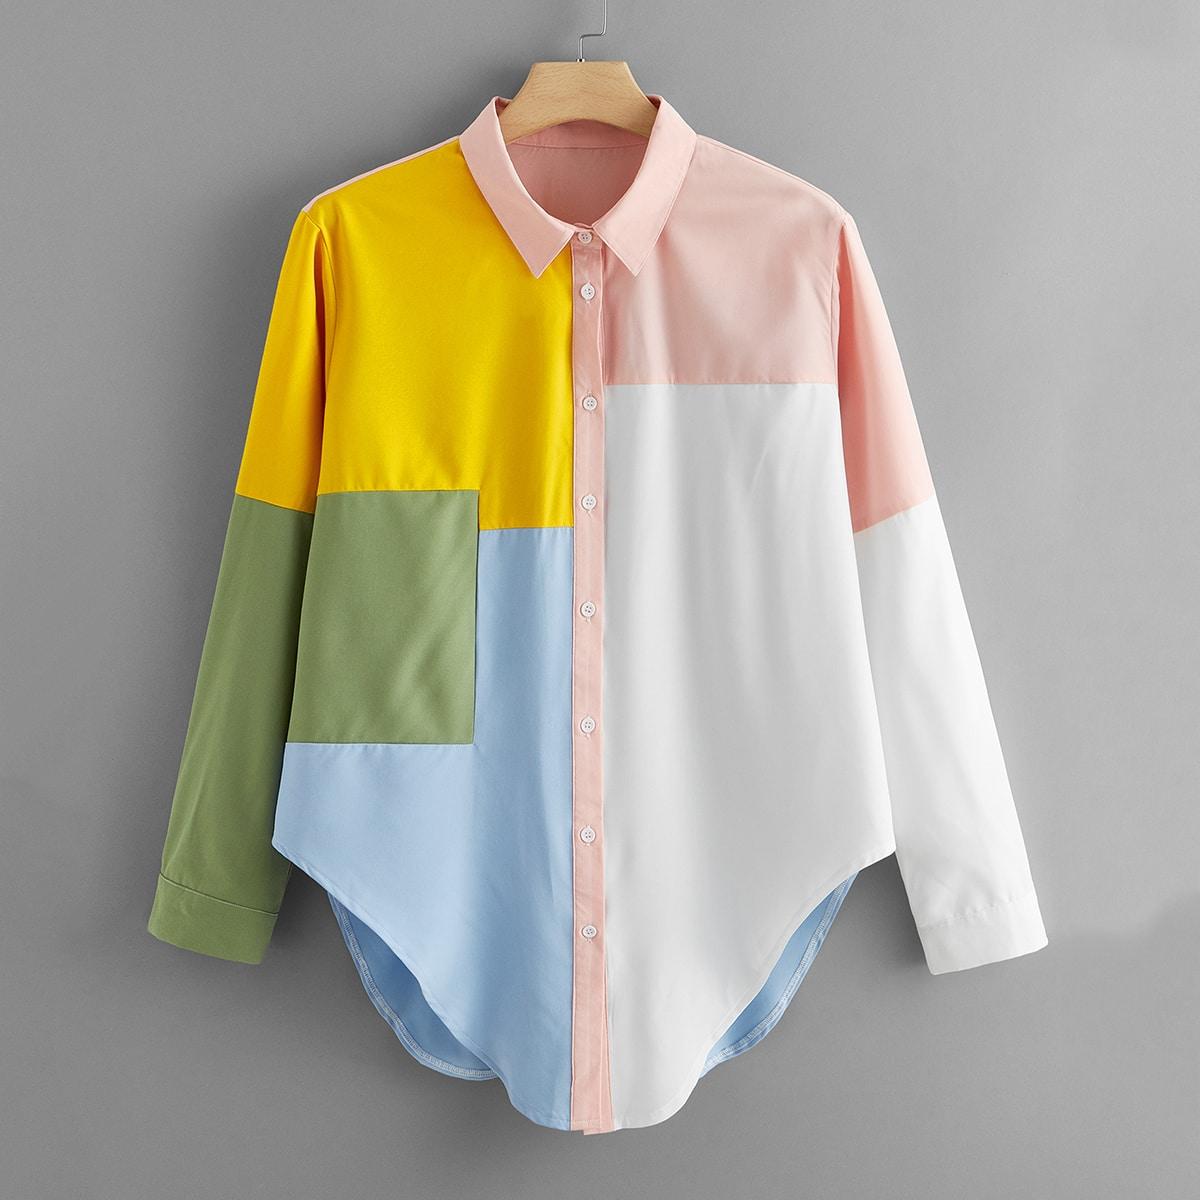 Контрастная блузка размера плюс на пуговицах